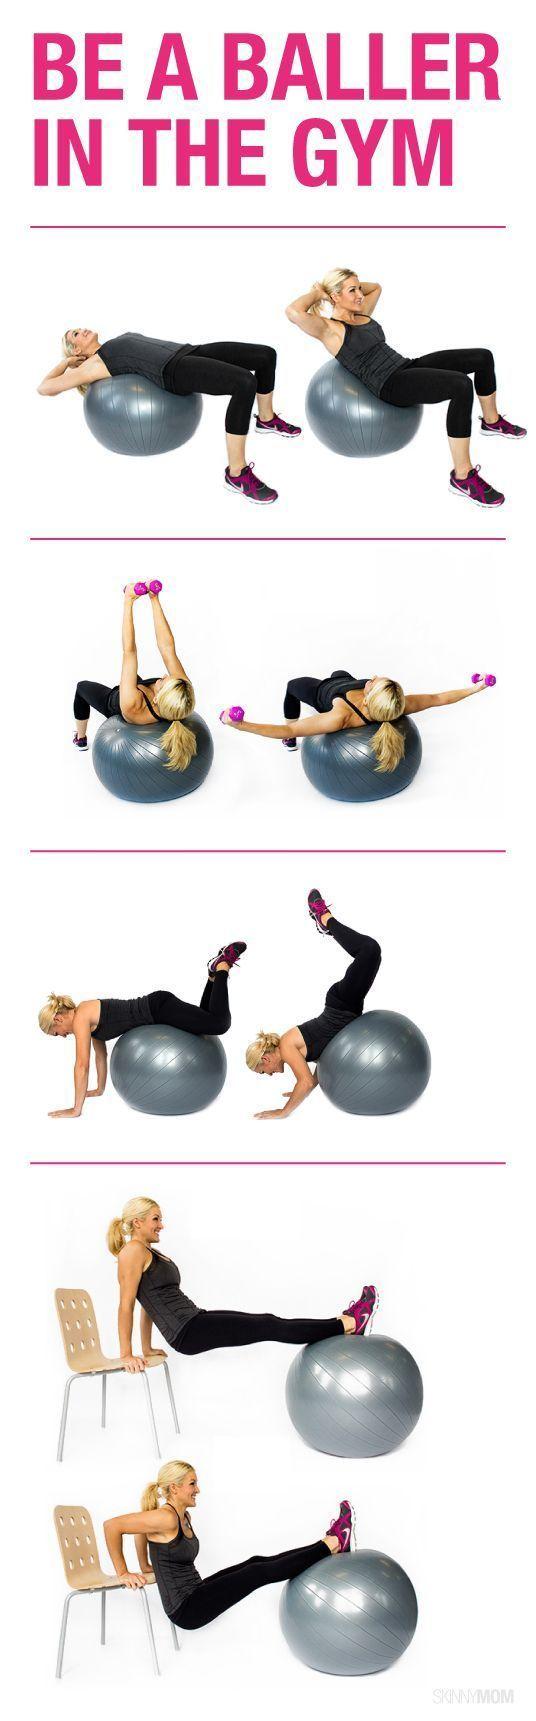 Ballspielen für einen trainierten Bauch. Sportfrei!